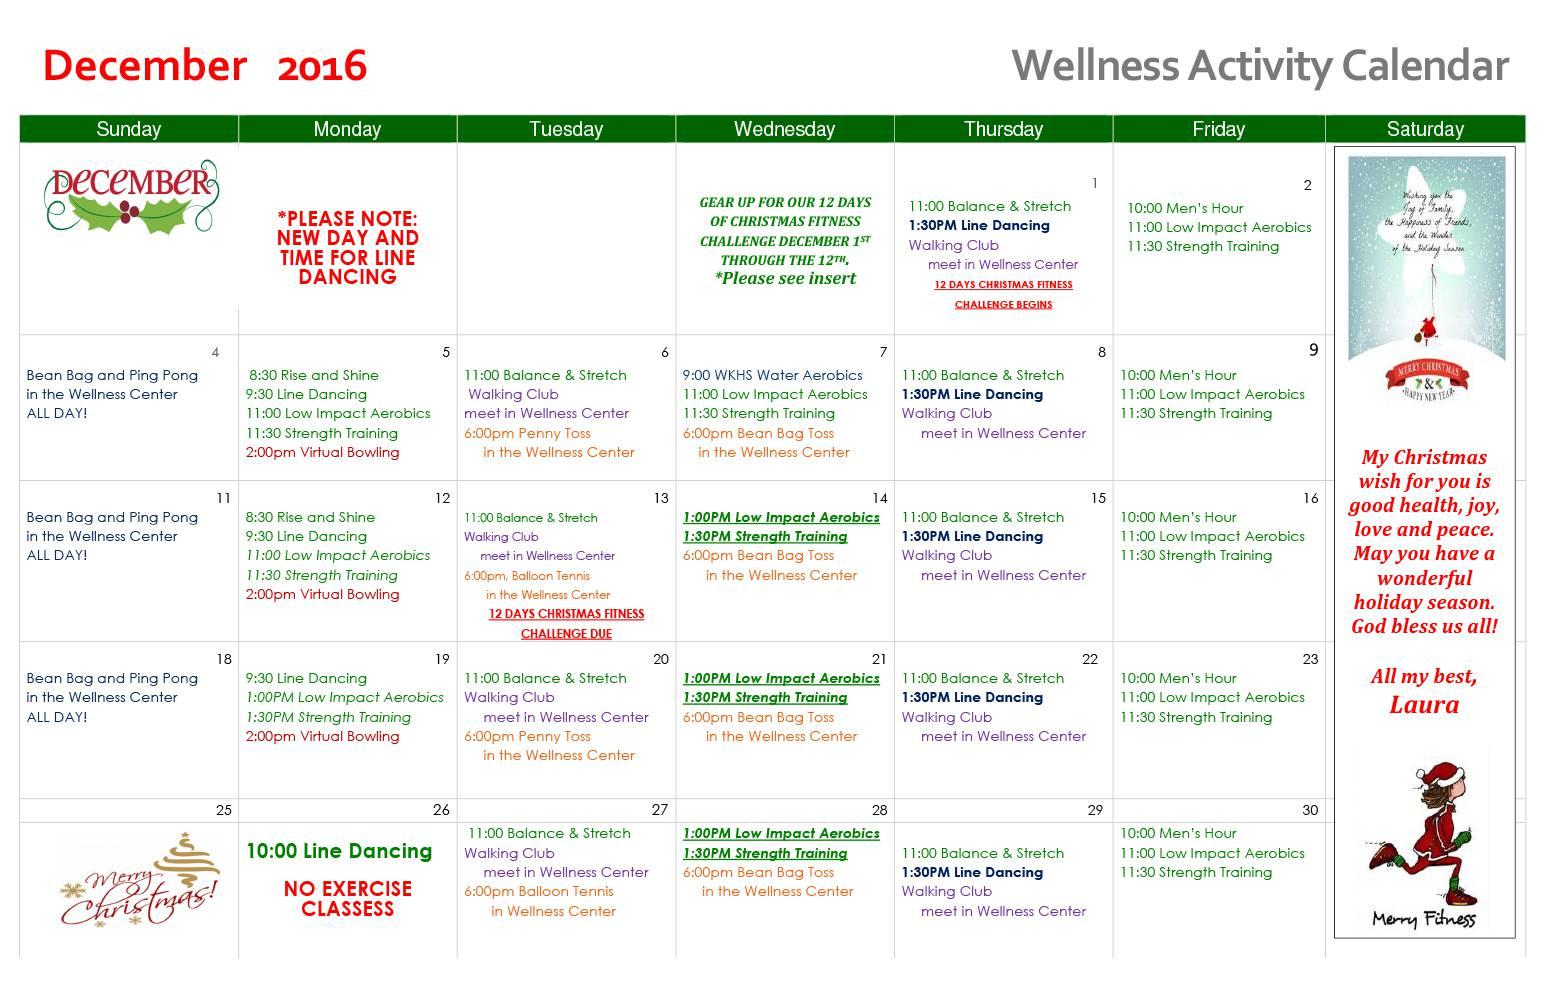 Wellness Calendar Ideas : Waterford senior living activities near detroit